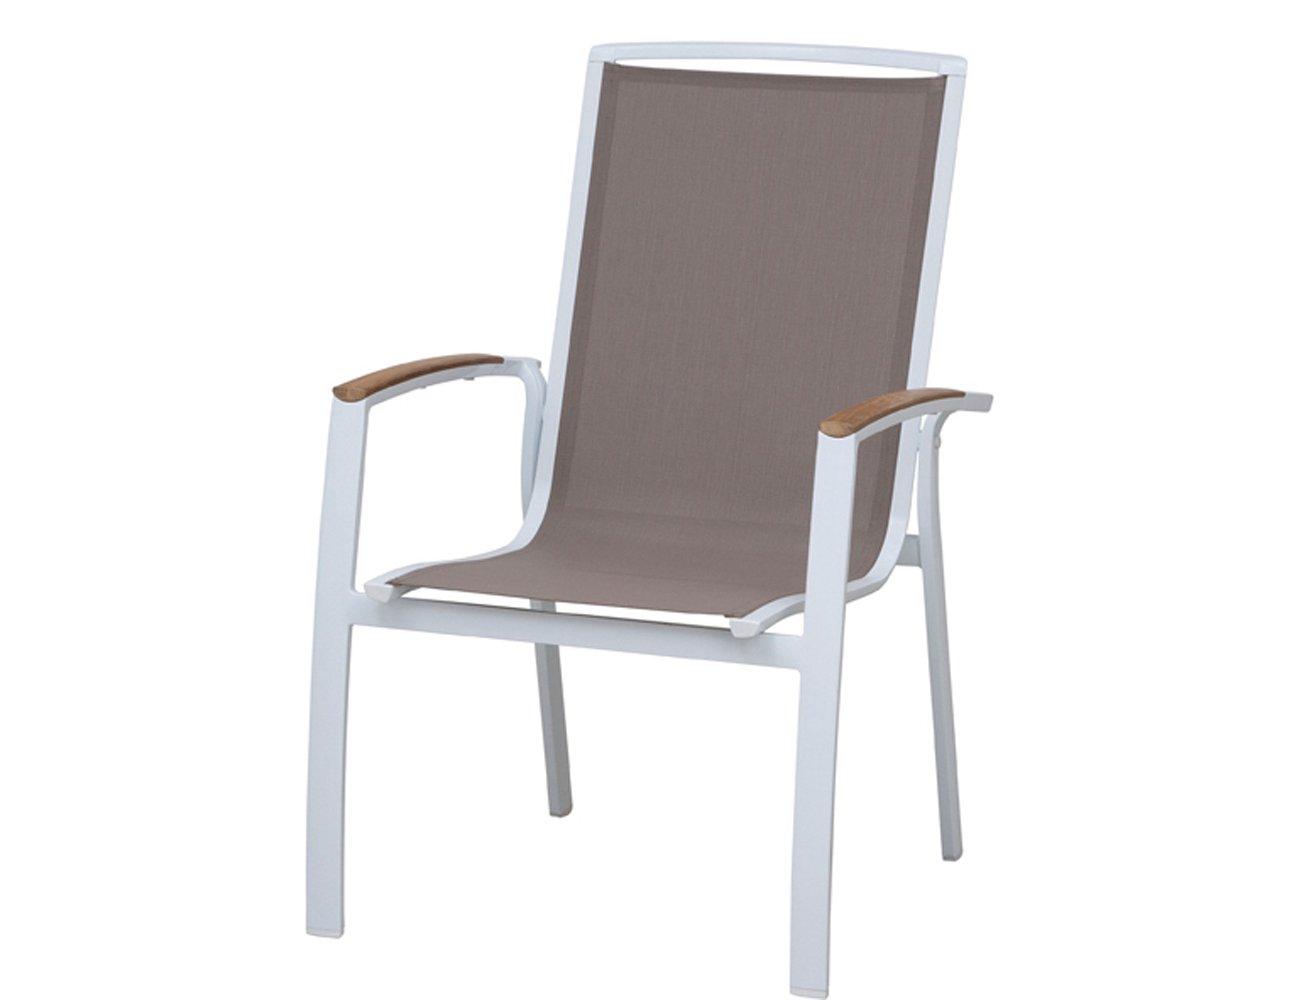 Siena Garden GFA-COC-001447 Stapelsessel Lindos, 68 x 65,5 x 100,5 cm , Aluminiumgestell weiß, Ranotex Textilfaser taupe online kaufen